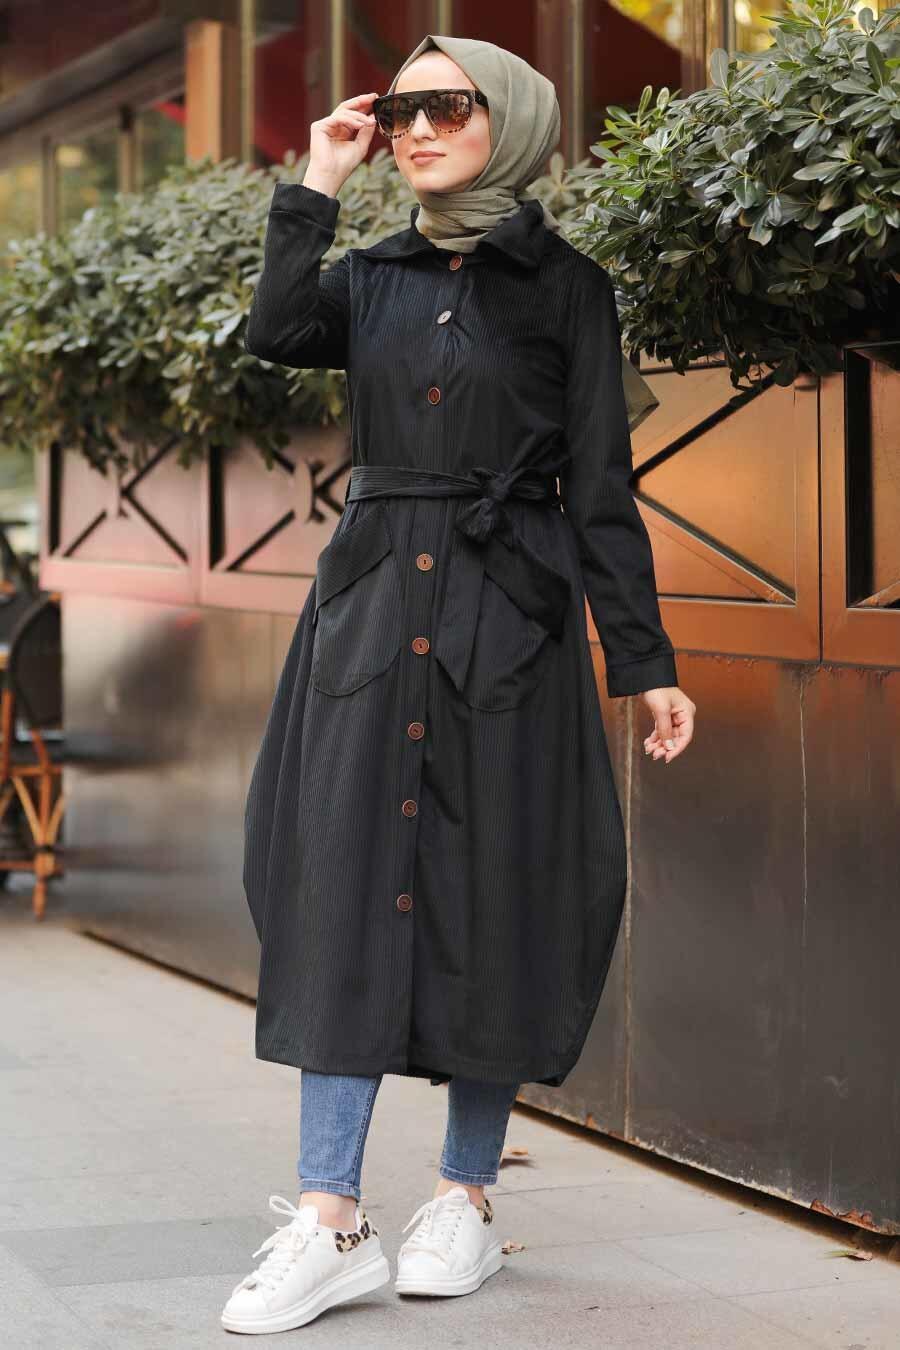 Neva Style - Black Velvet Coat 8845S